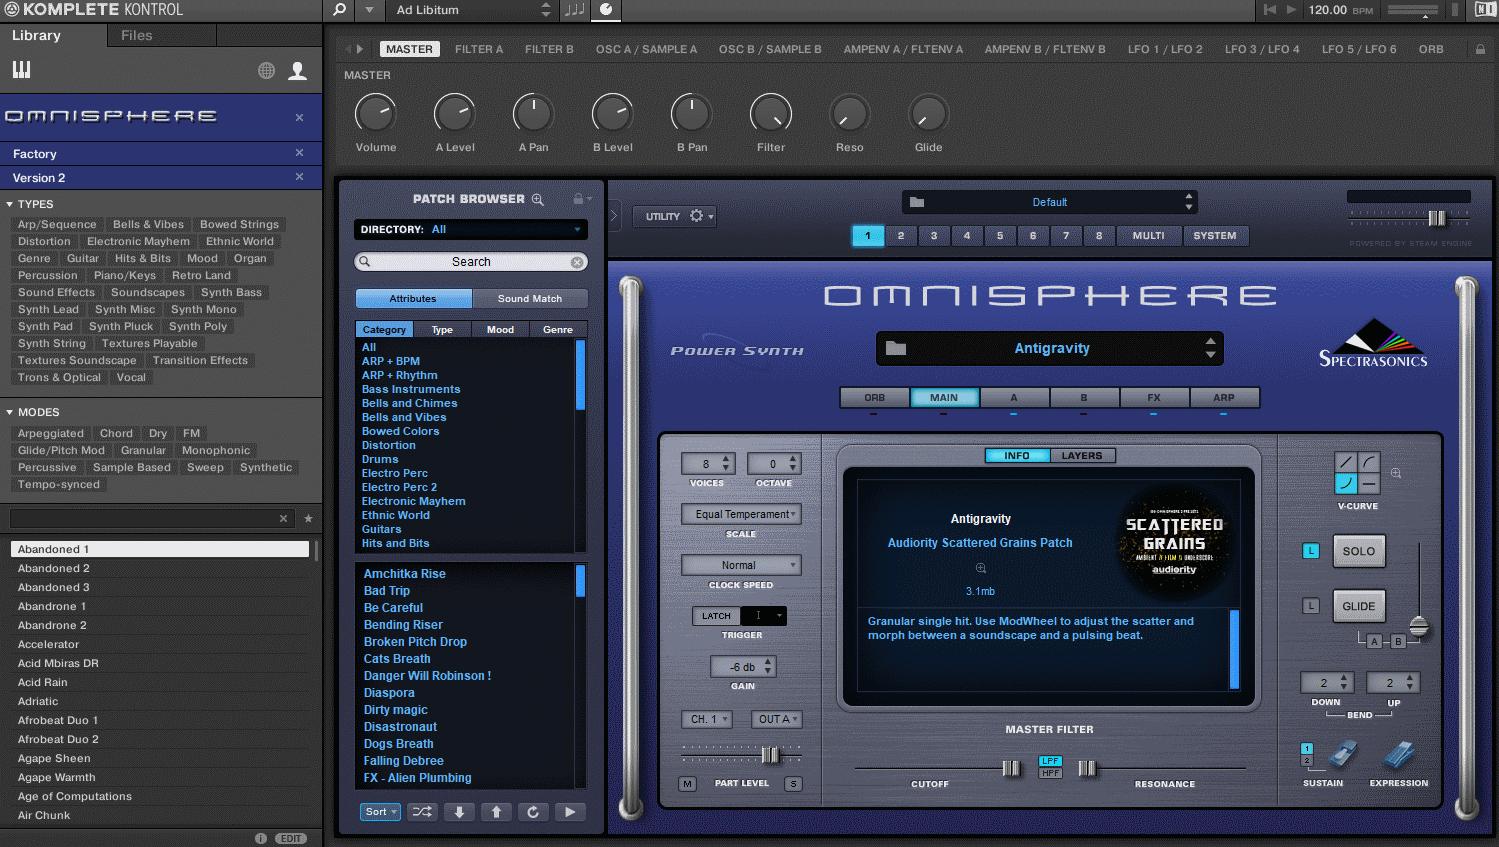 omnisphere nks browser